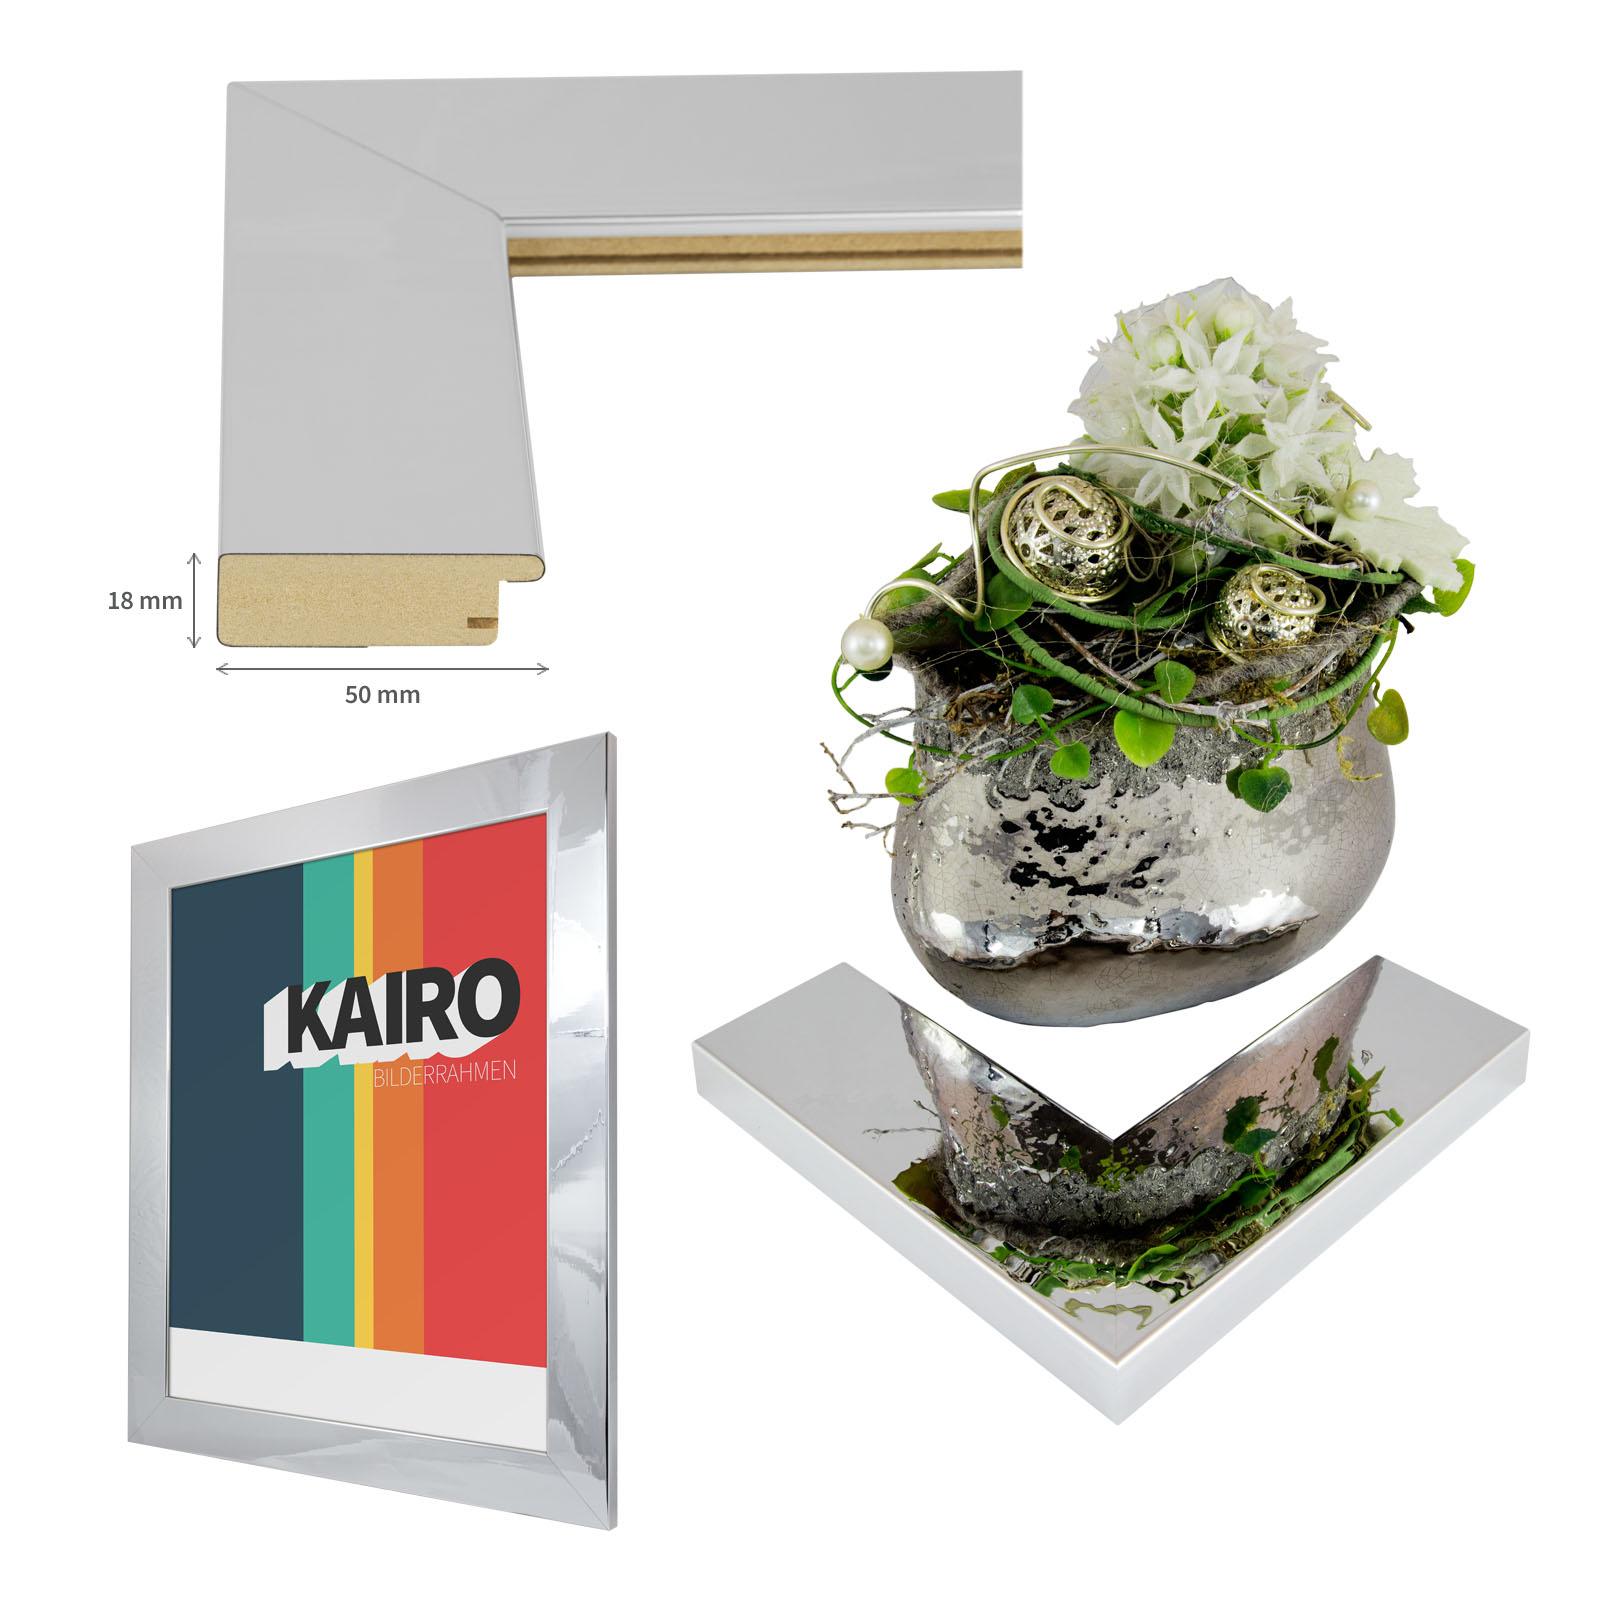 Bilderrahmen kairo 90x120 in schwarz weiss poster foto for Spiegel 90x120